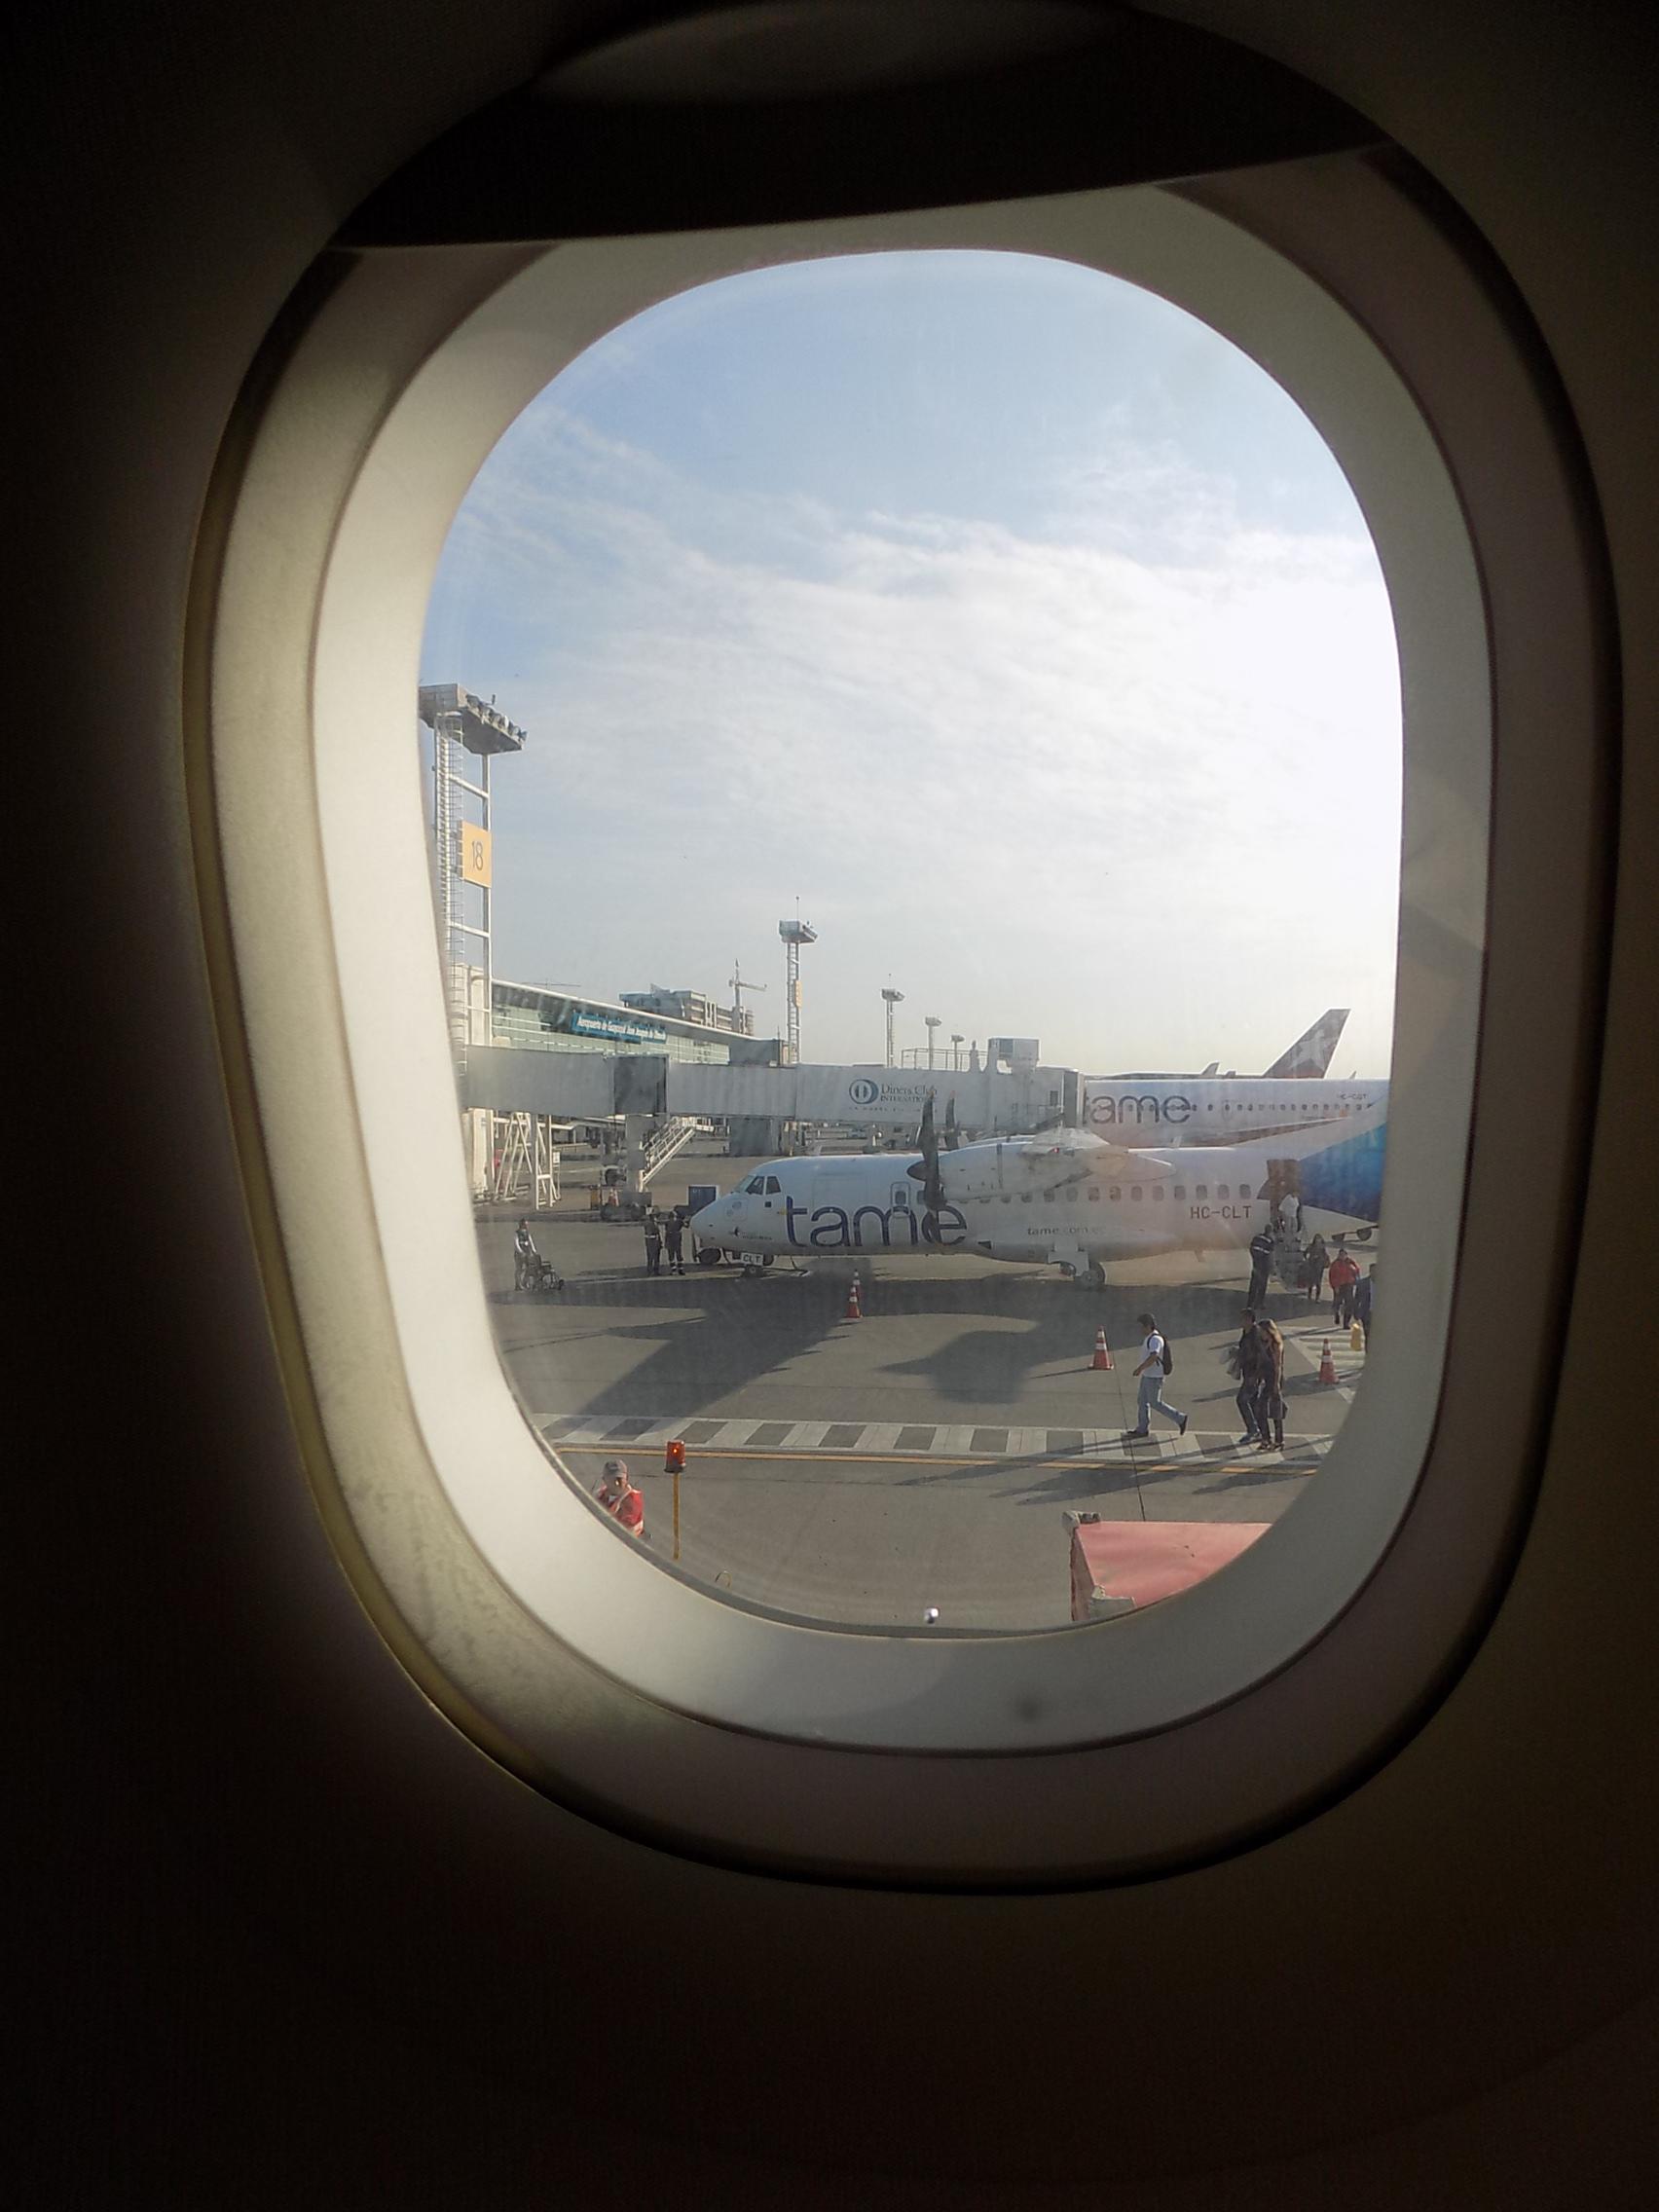 aeropuerto-de-guayaquil-ecuador.JPG